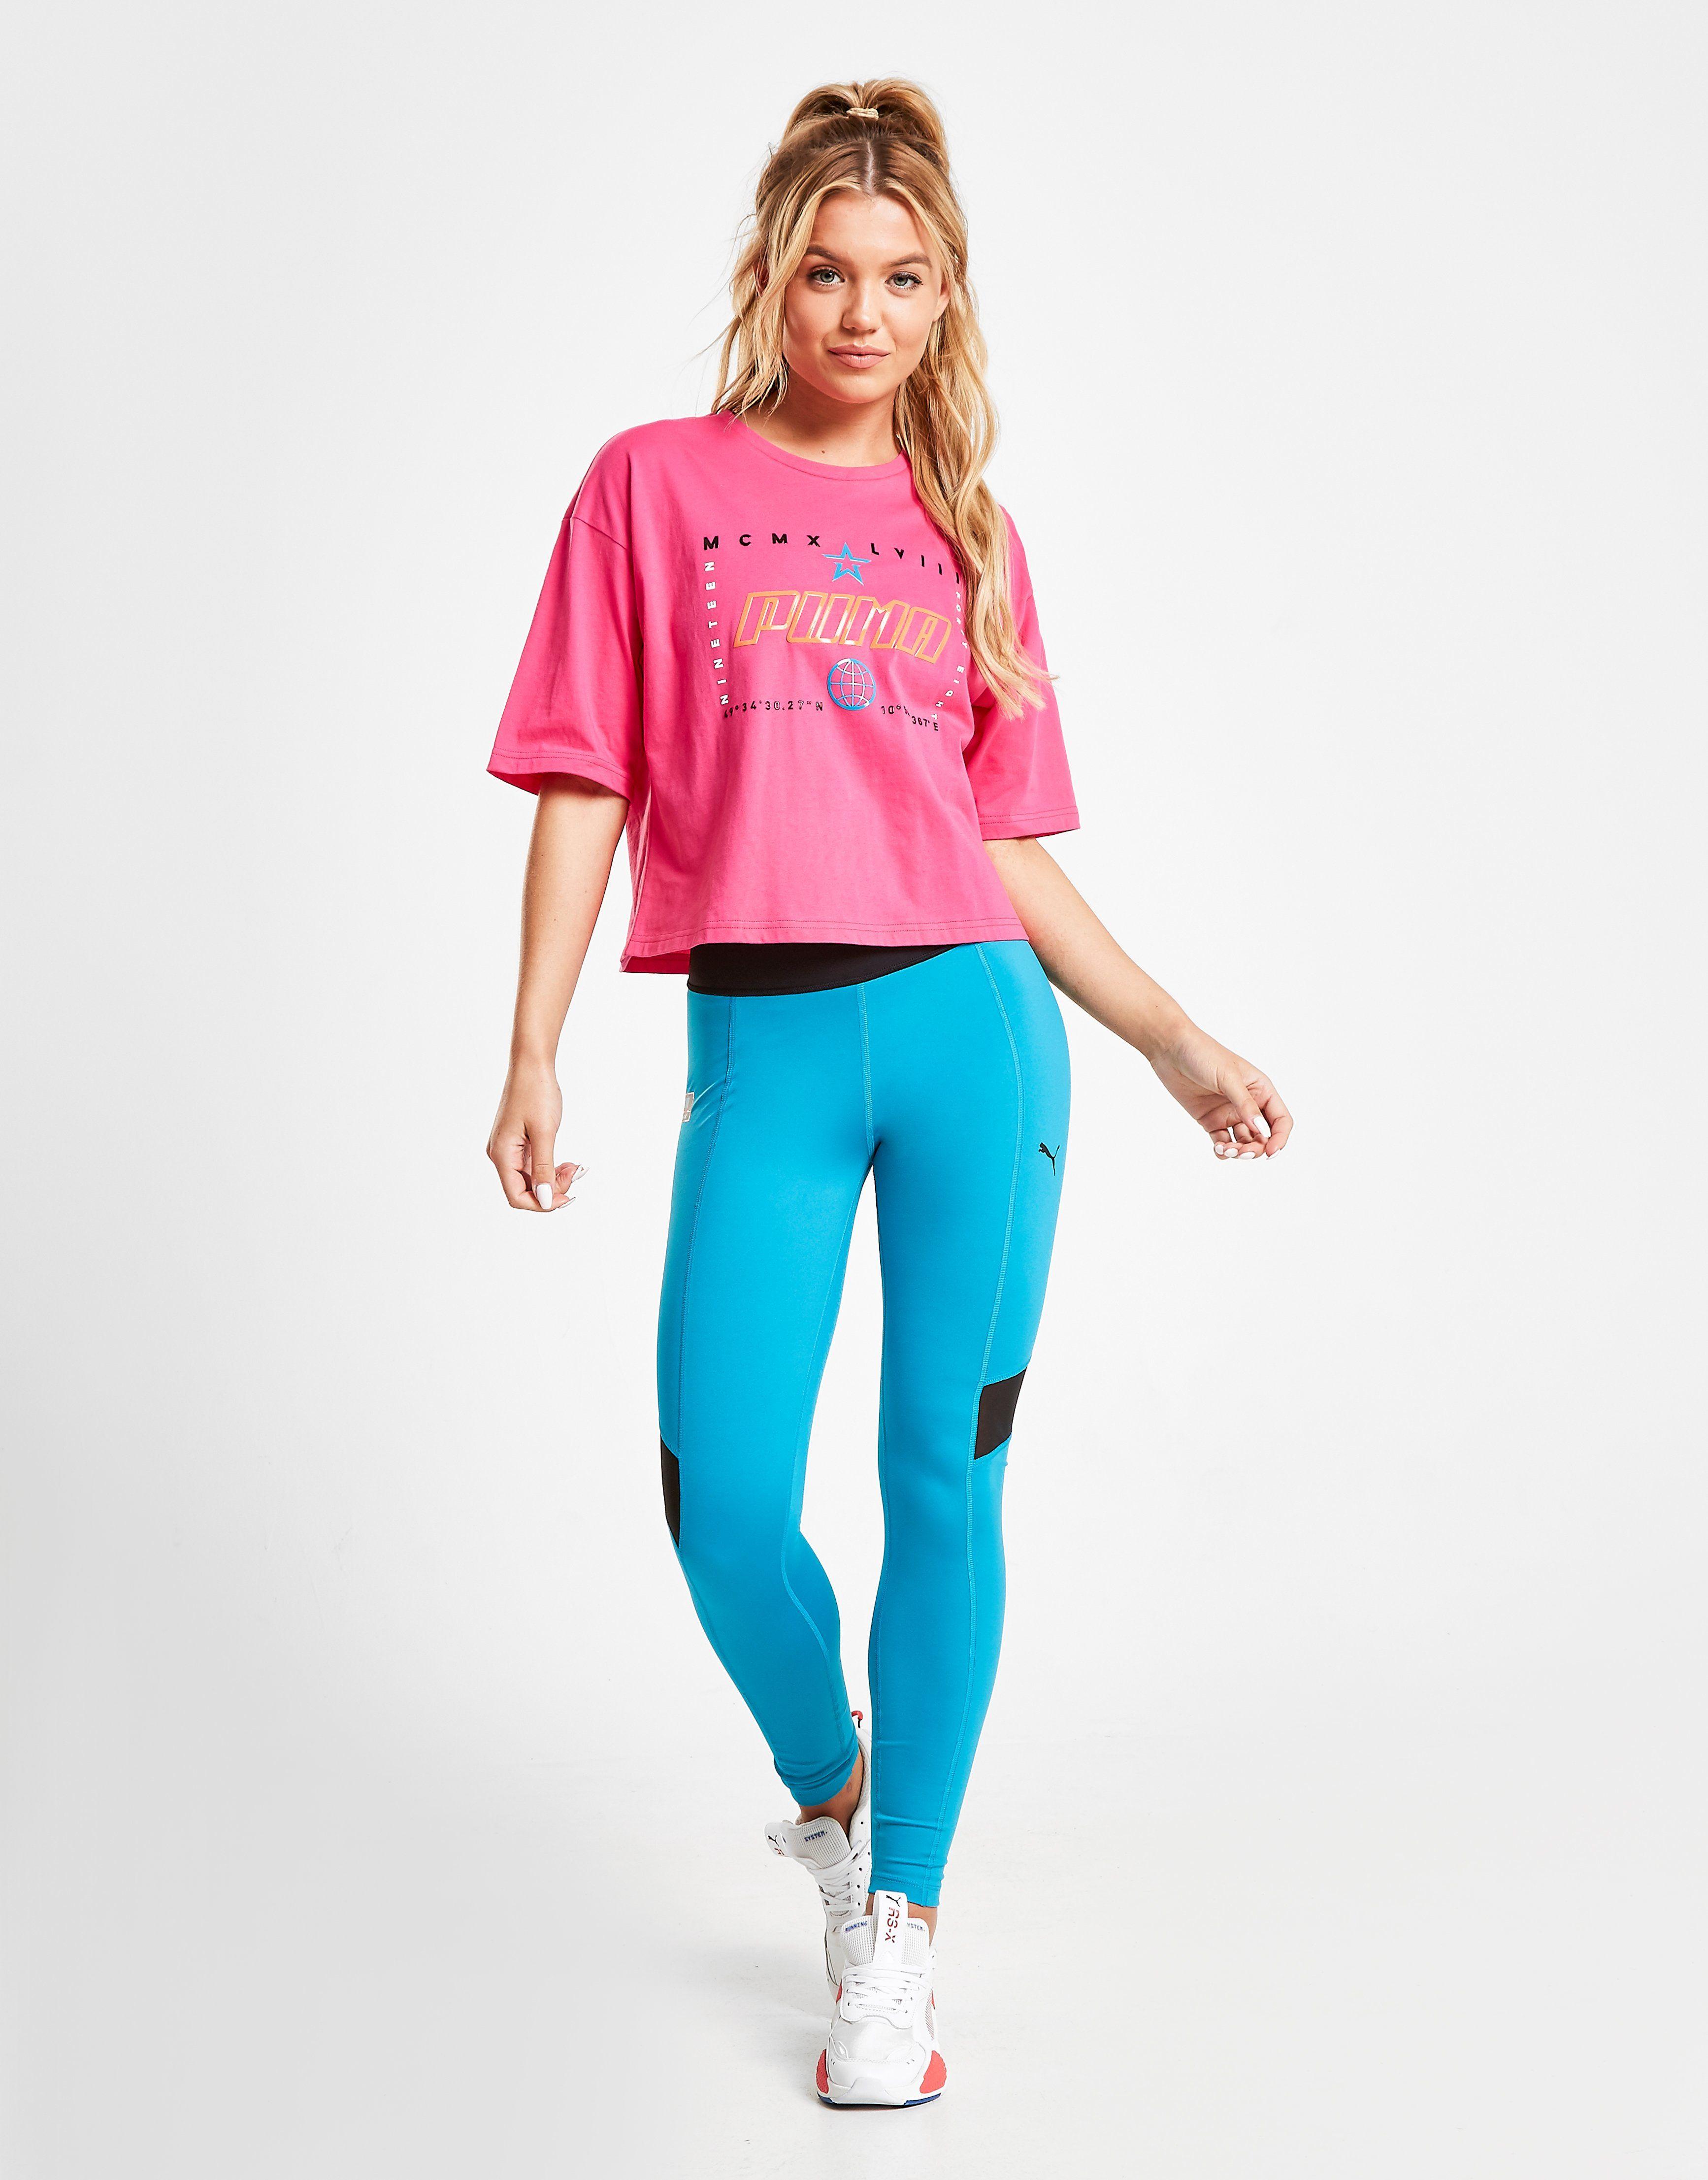 PUMA Trailblazer T-Shirt